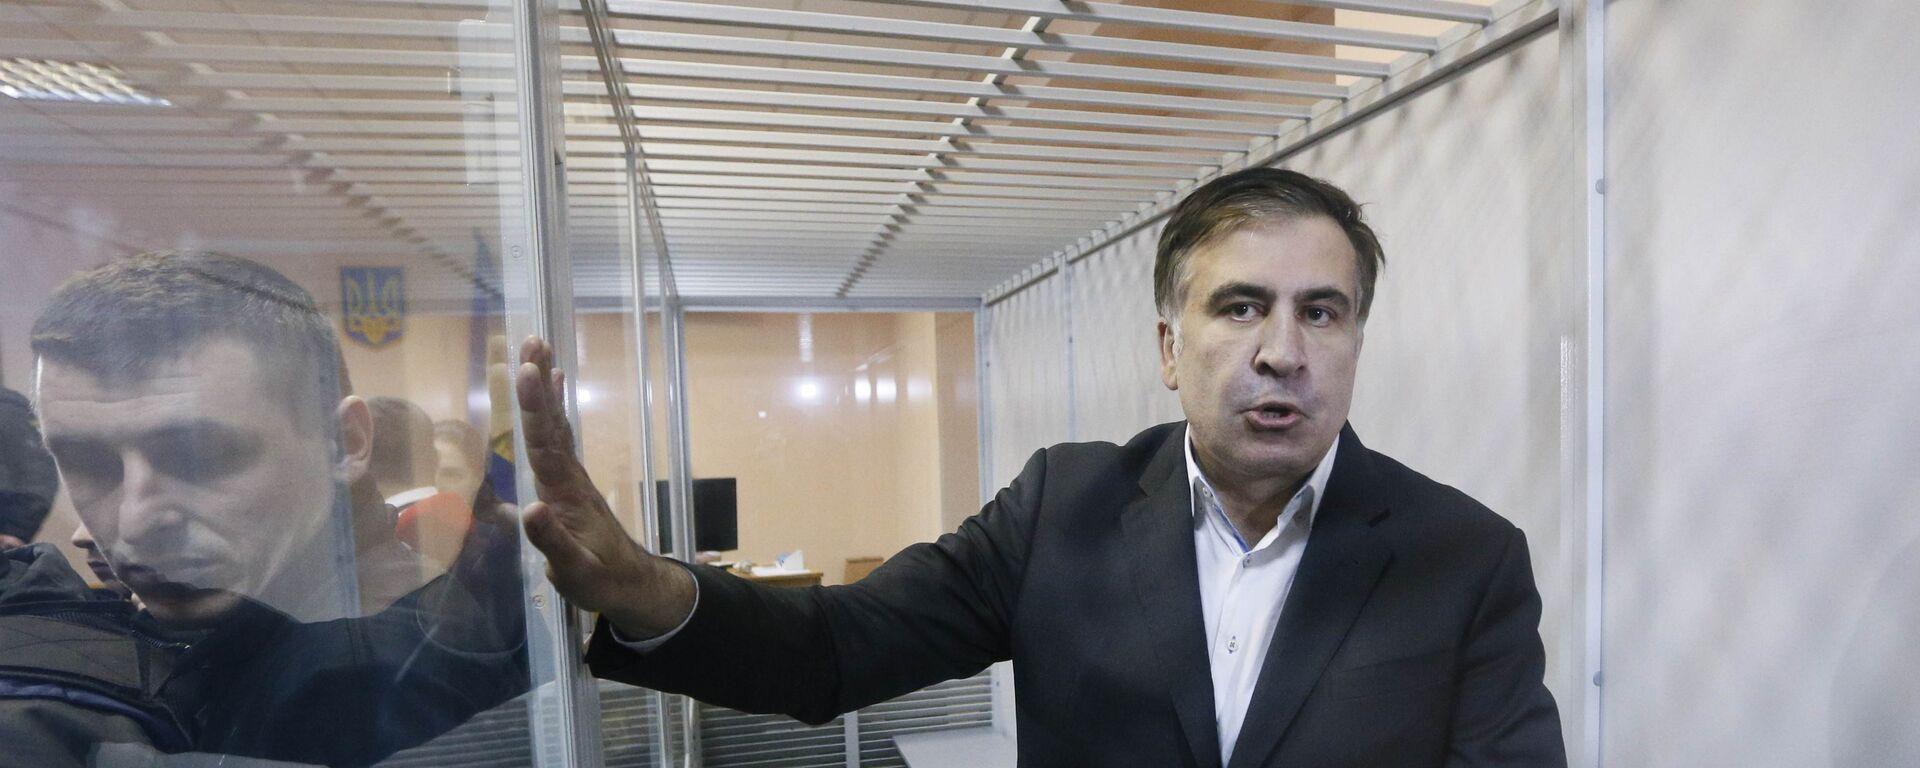 Михаил Саакашвили на судебном слушании в Киеве - Sputnik Грузия, 1920, 04.10.2021